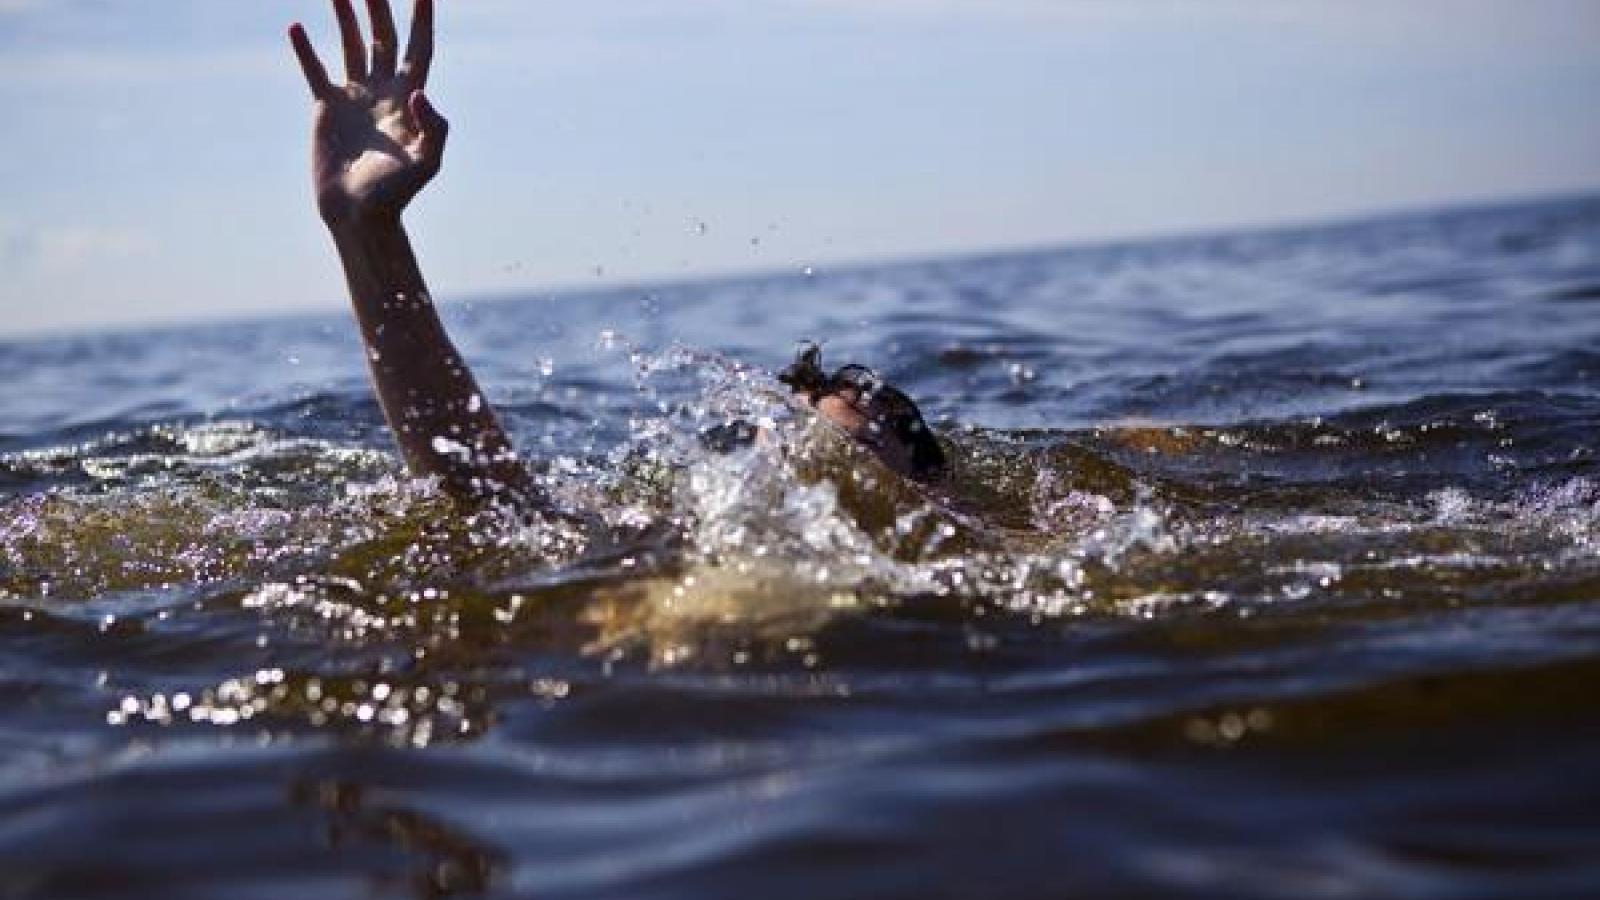 Liên tiếp có trẻ tử vong do đuối nước, hồi chuông báo động với phụ huynh